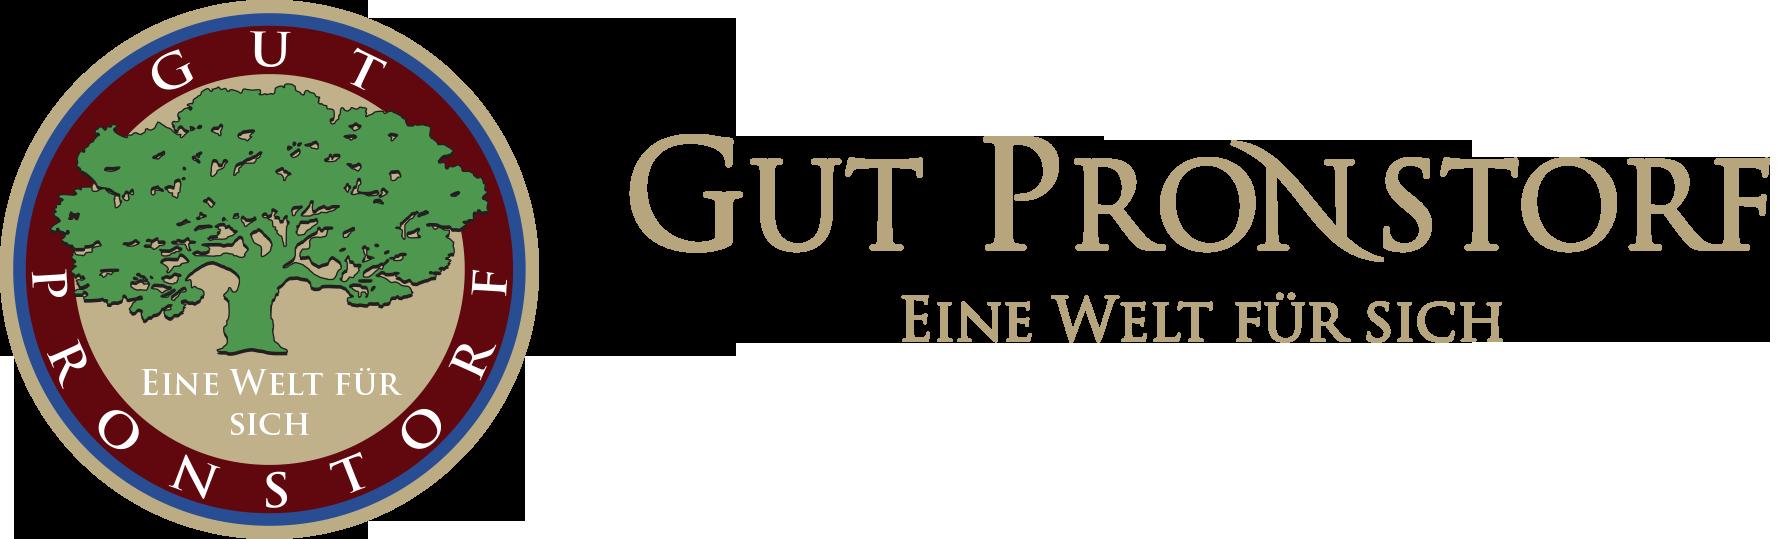 Gut Pronsdorf